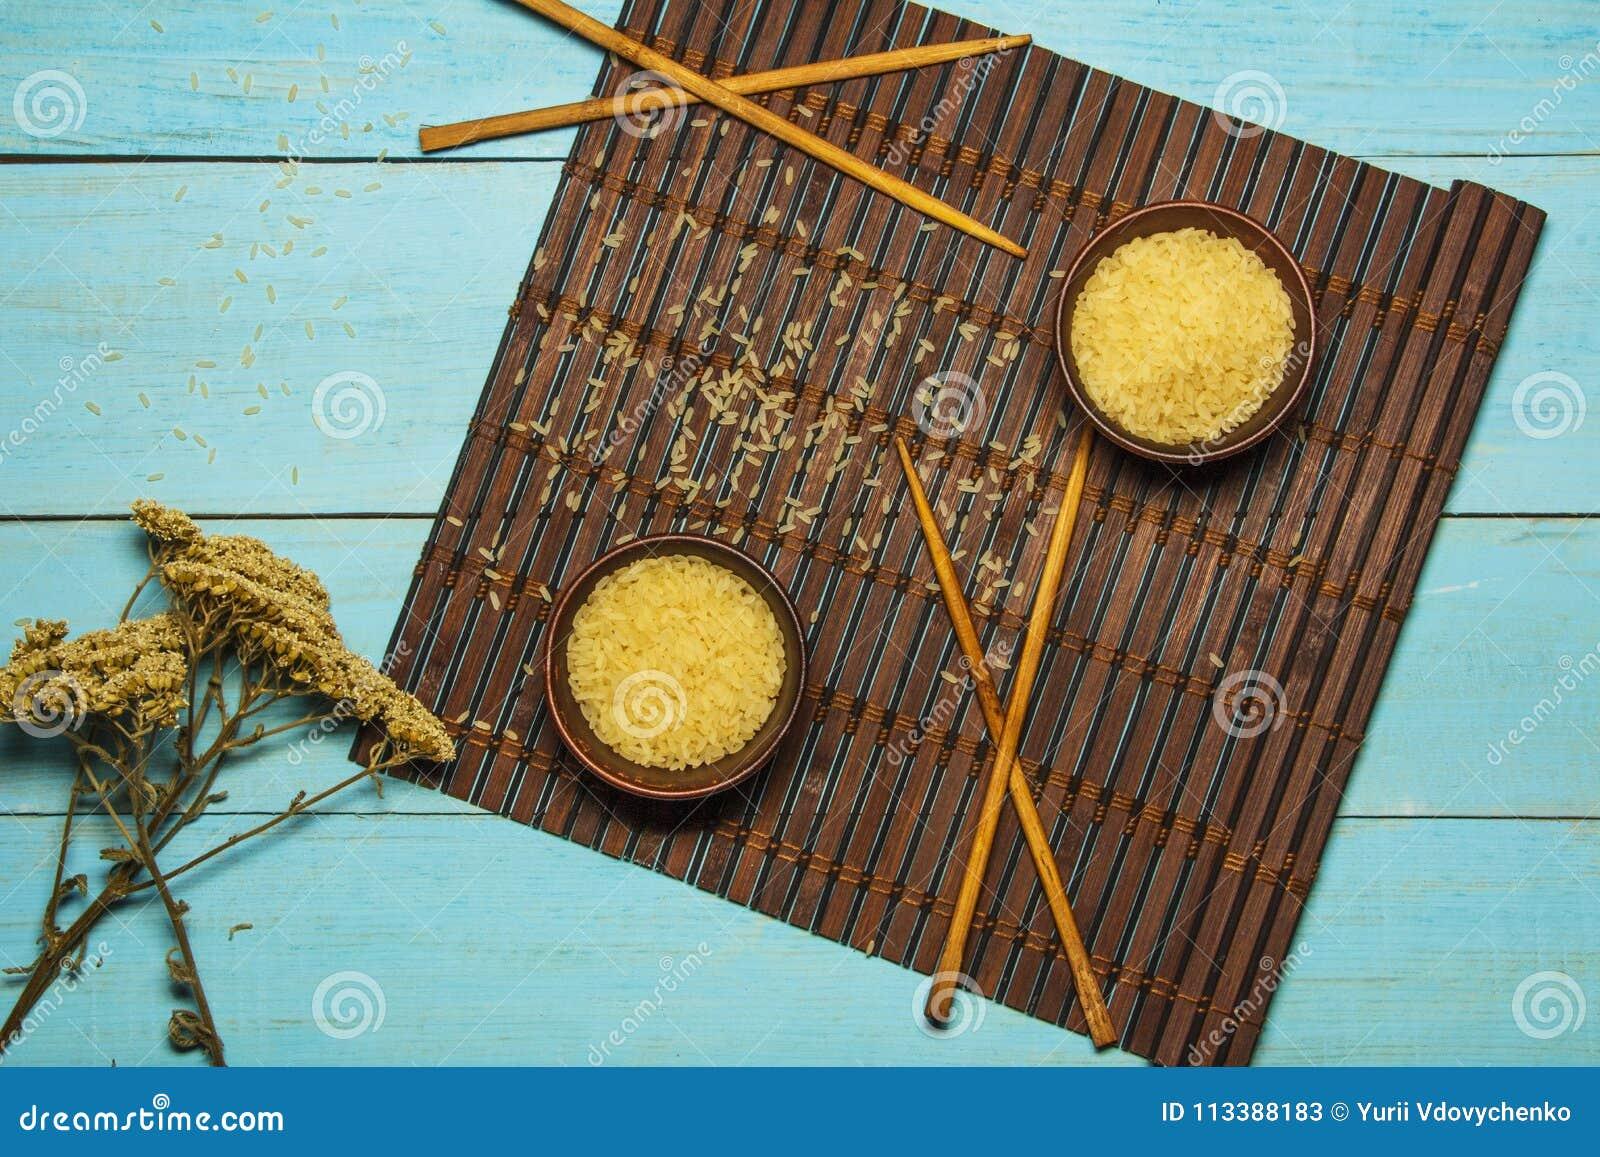 Ιαπωνικό ρύζι σε ένα ξύλινο κύπελλο Ξύλινα chopsticks στον πίνακα ενός χαλιού μπαμπού ασιατική κουζίνα επάνω από την όψη